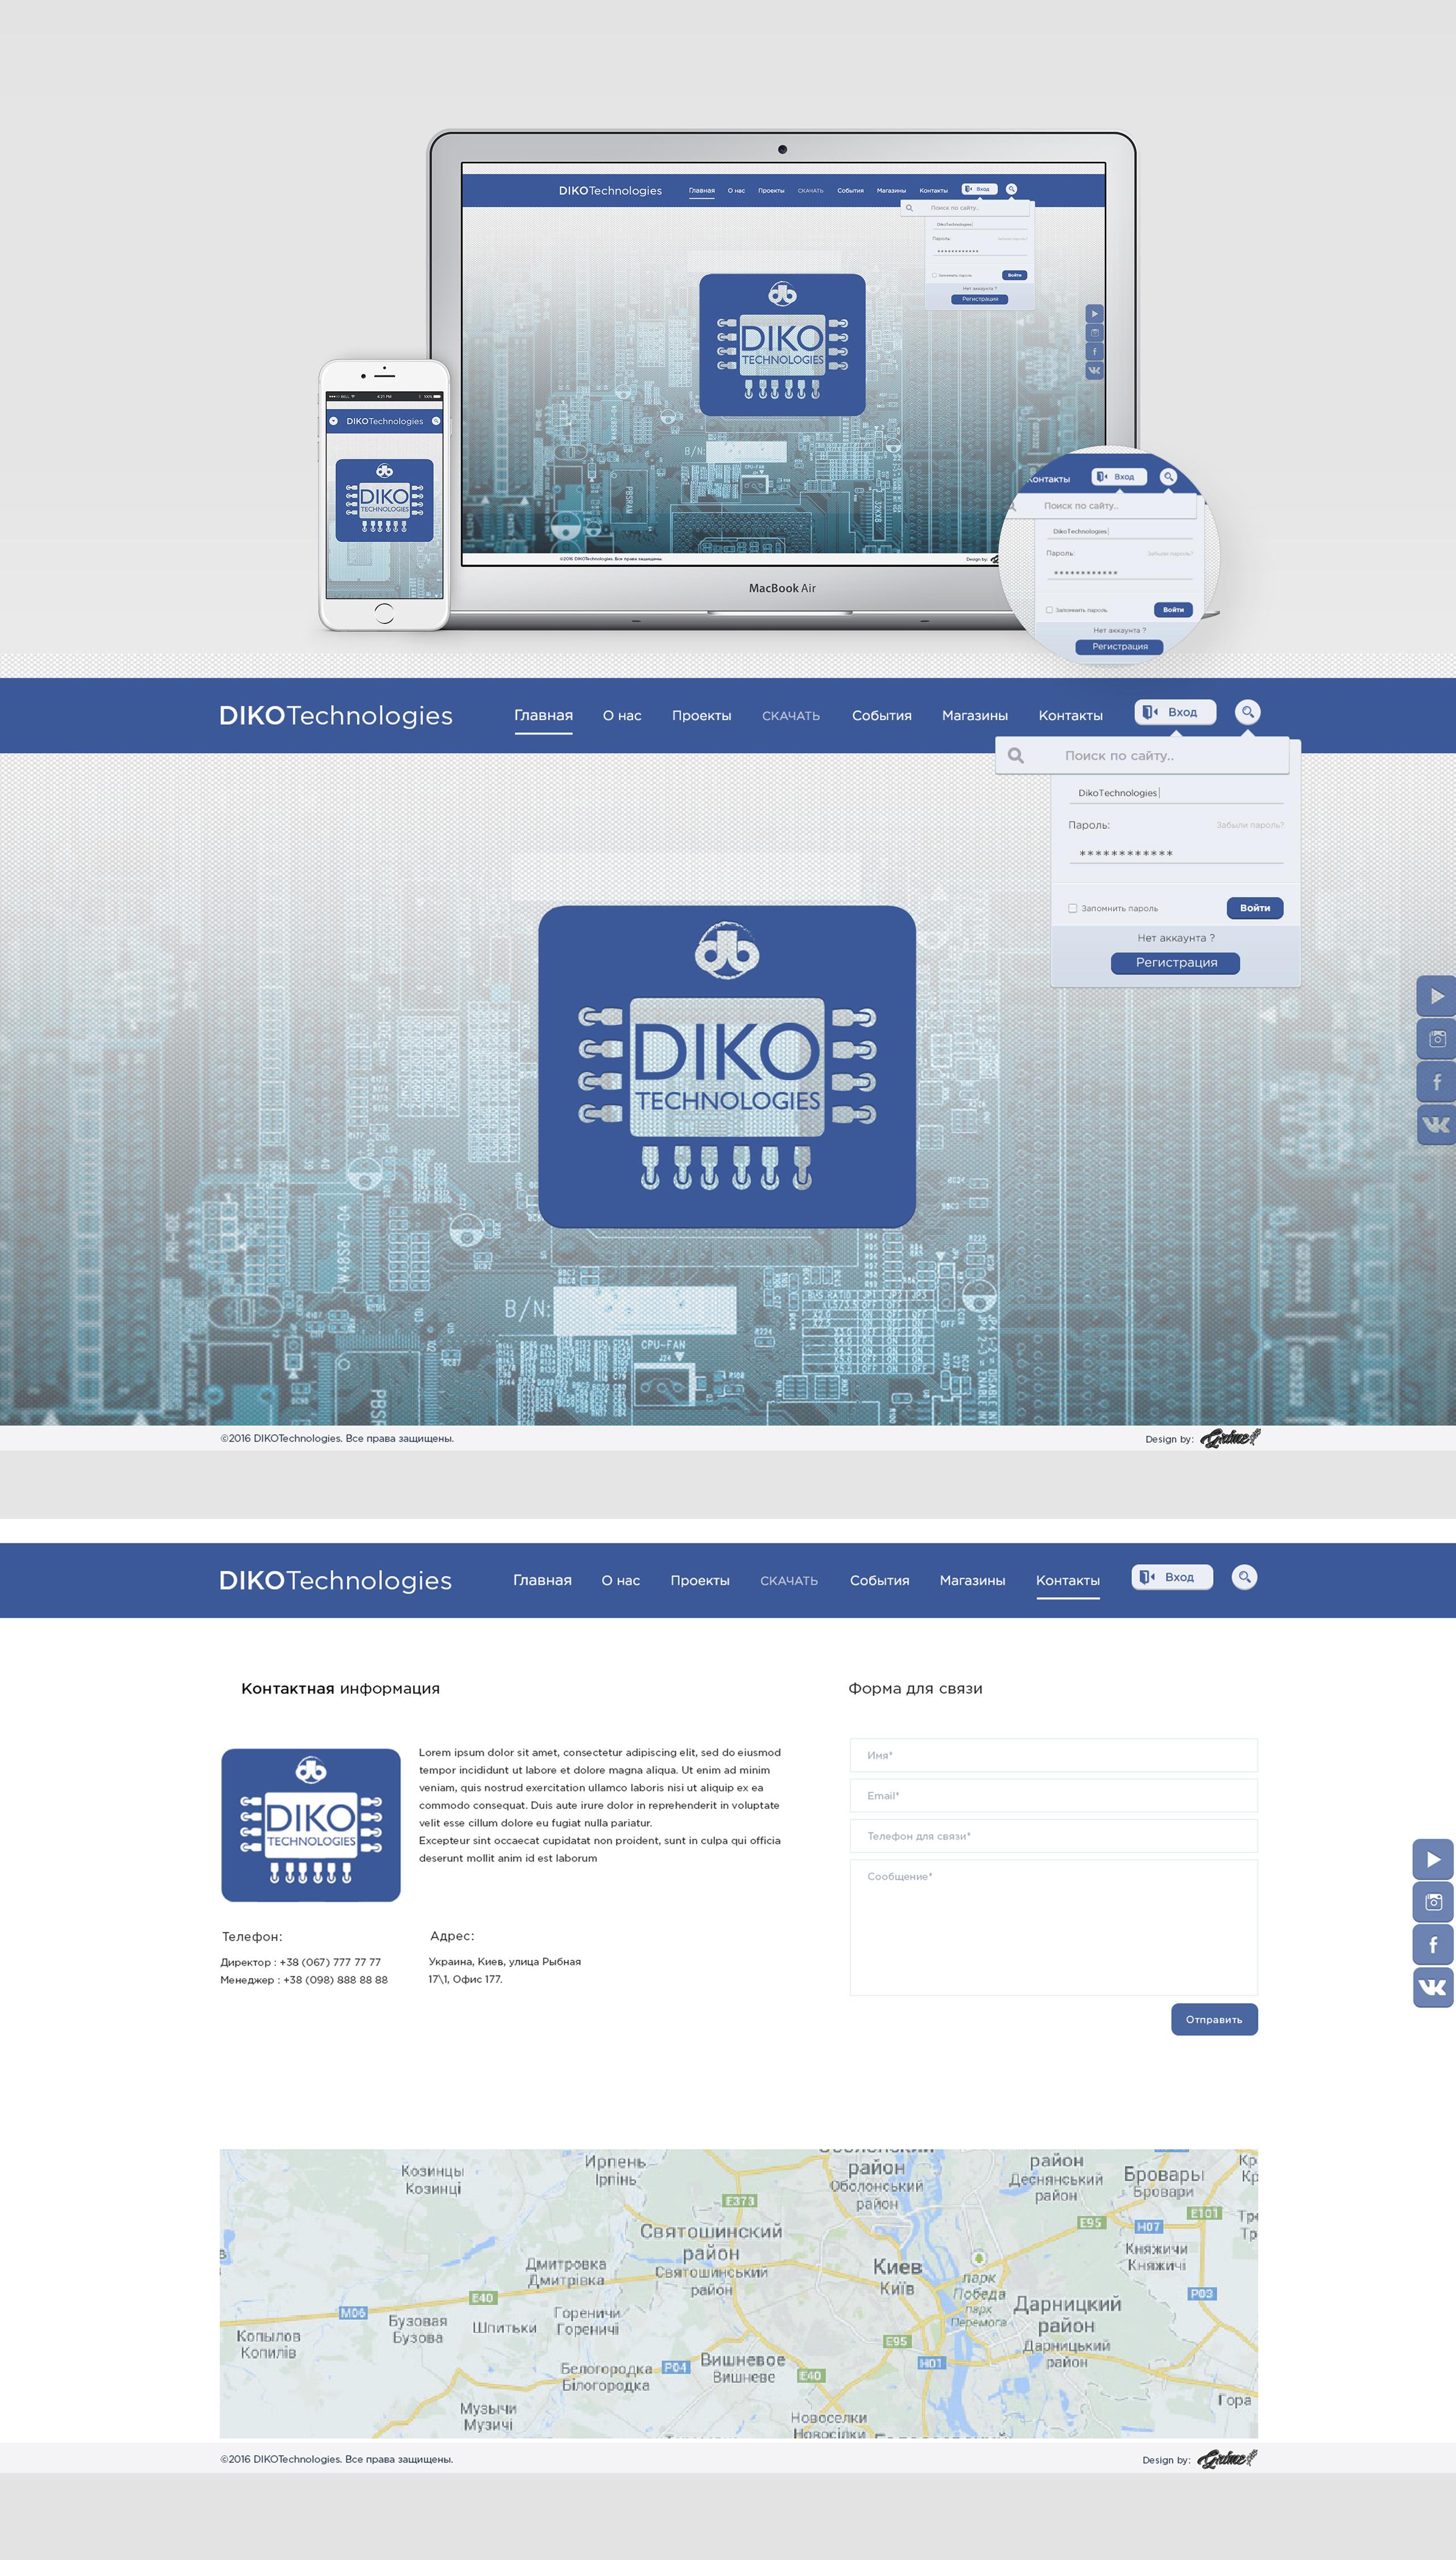 Копирование дизайна сайта